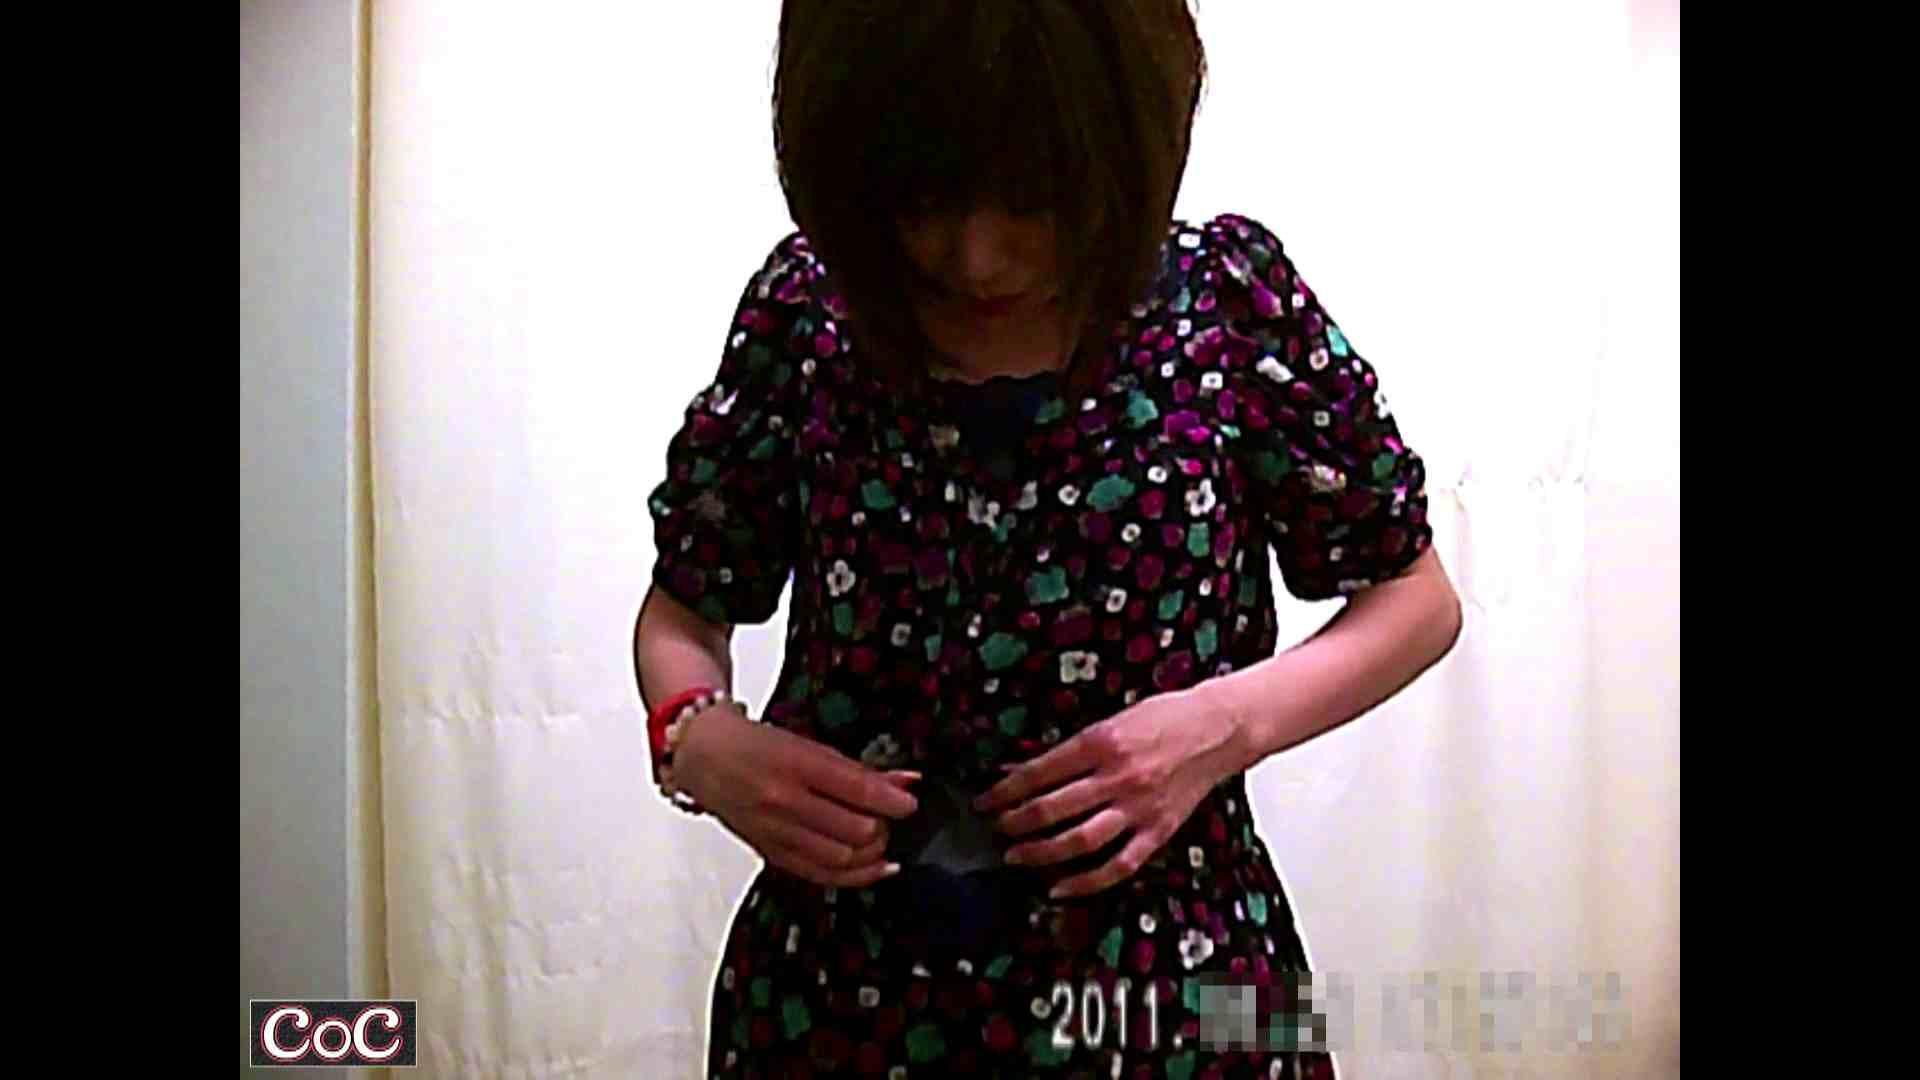 病院おもいっきり着替え! vol.18 OLすけべ画像 オマンコ動画キャプチャ 101連発 51